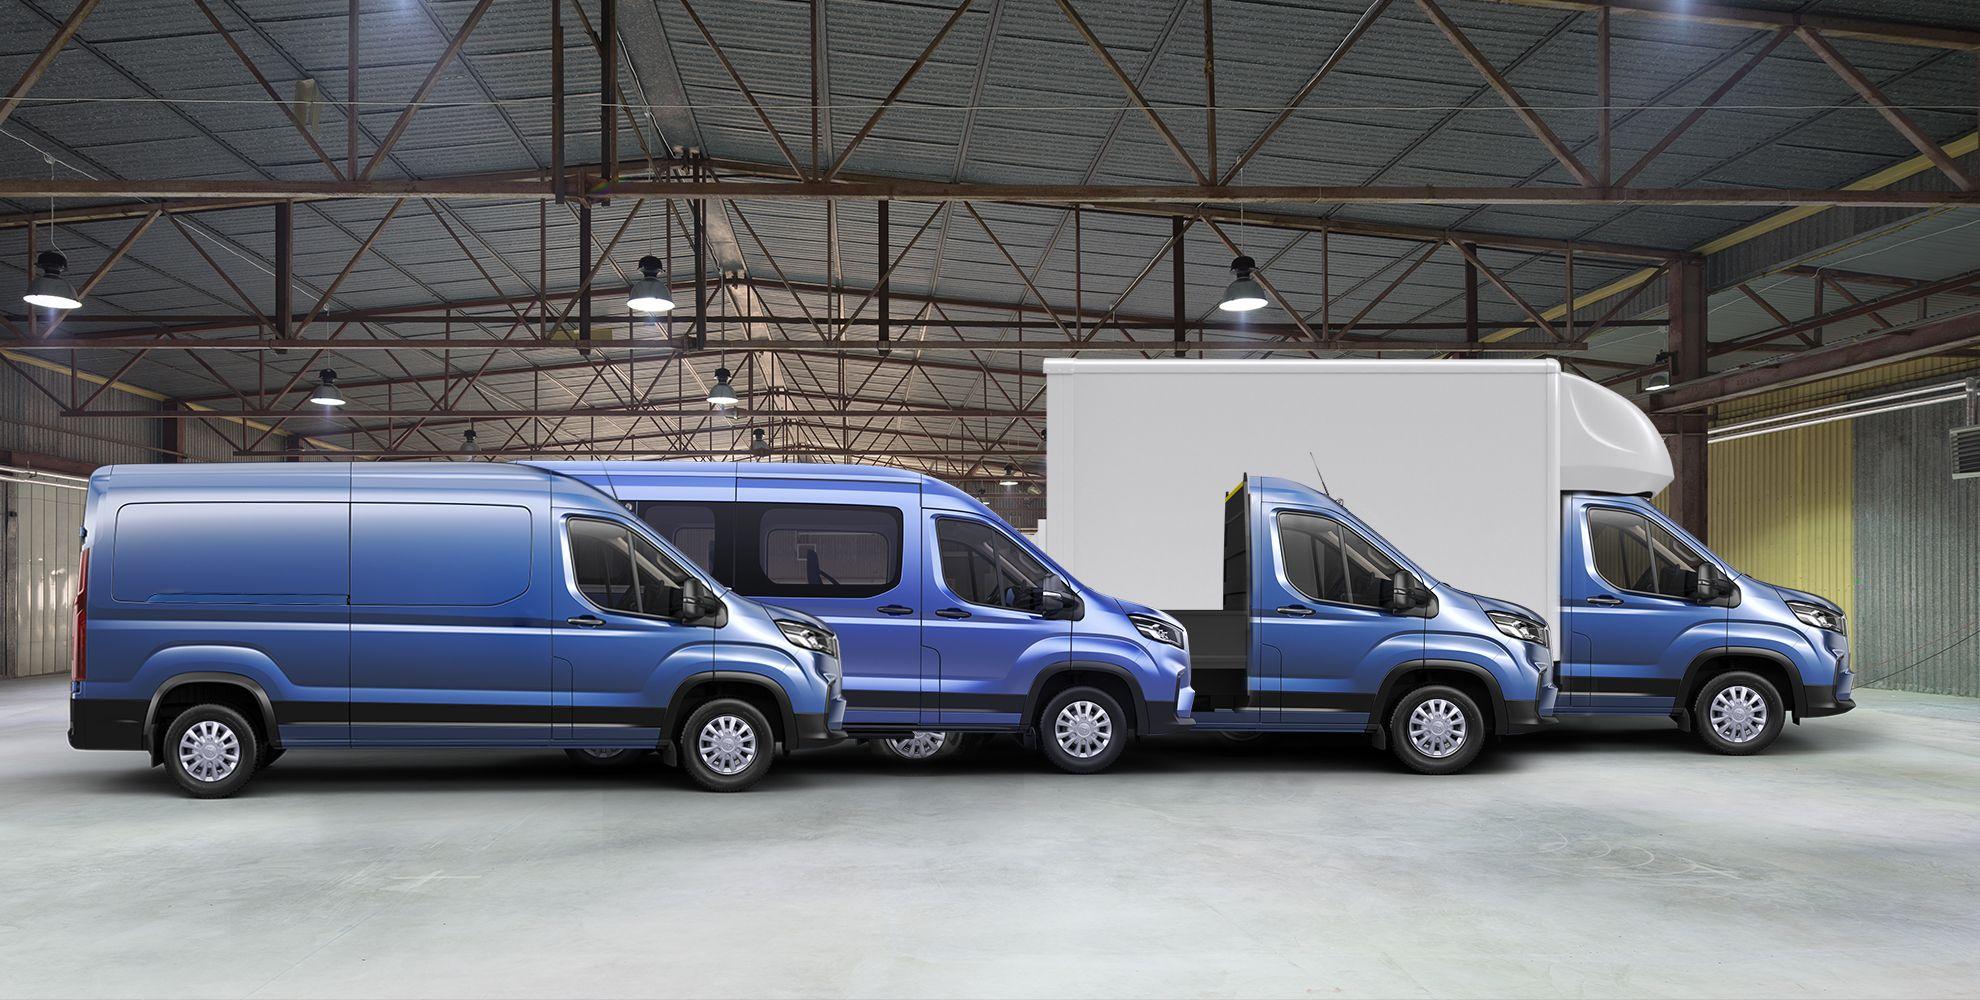 LDV Fleet Vehicles